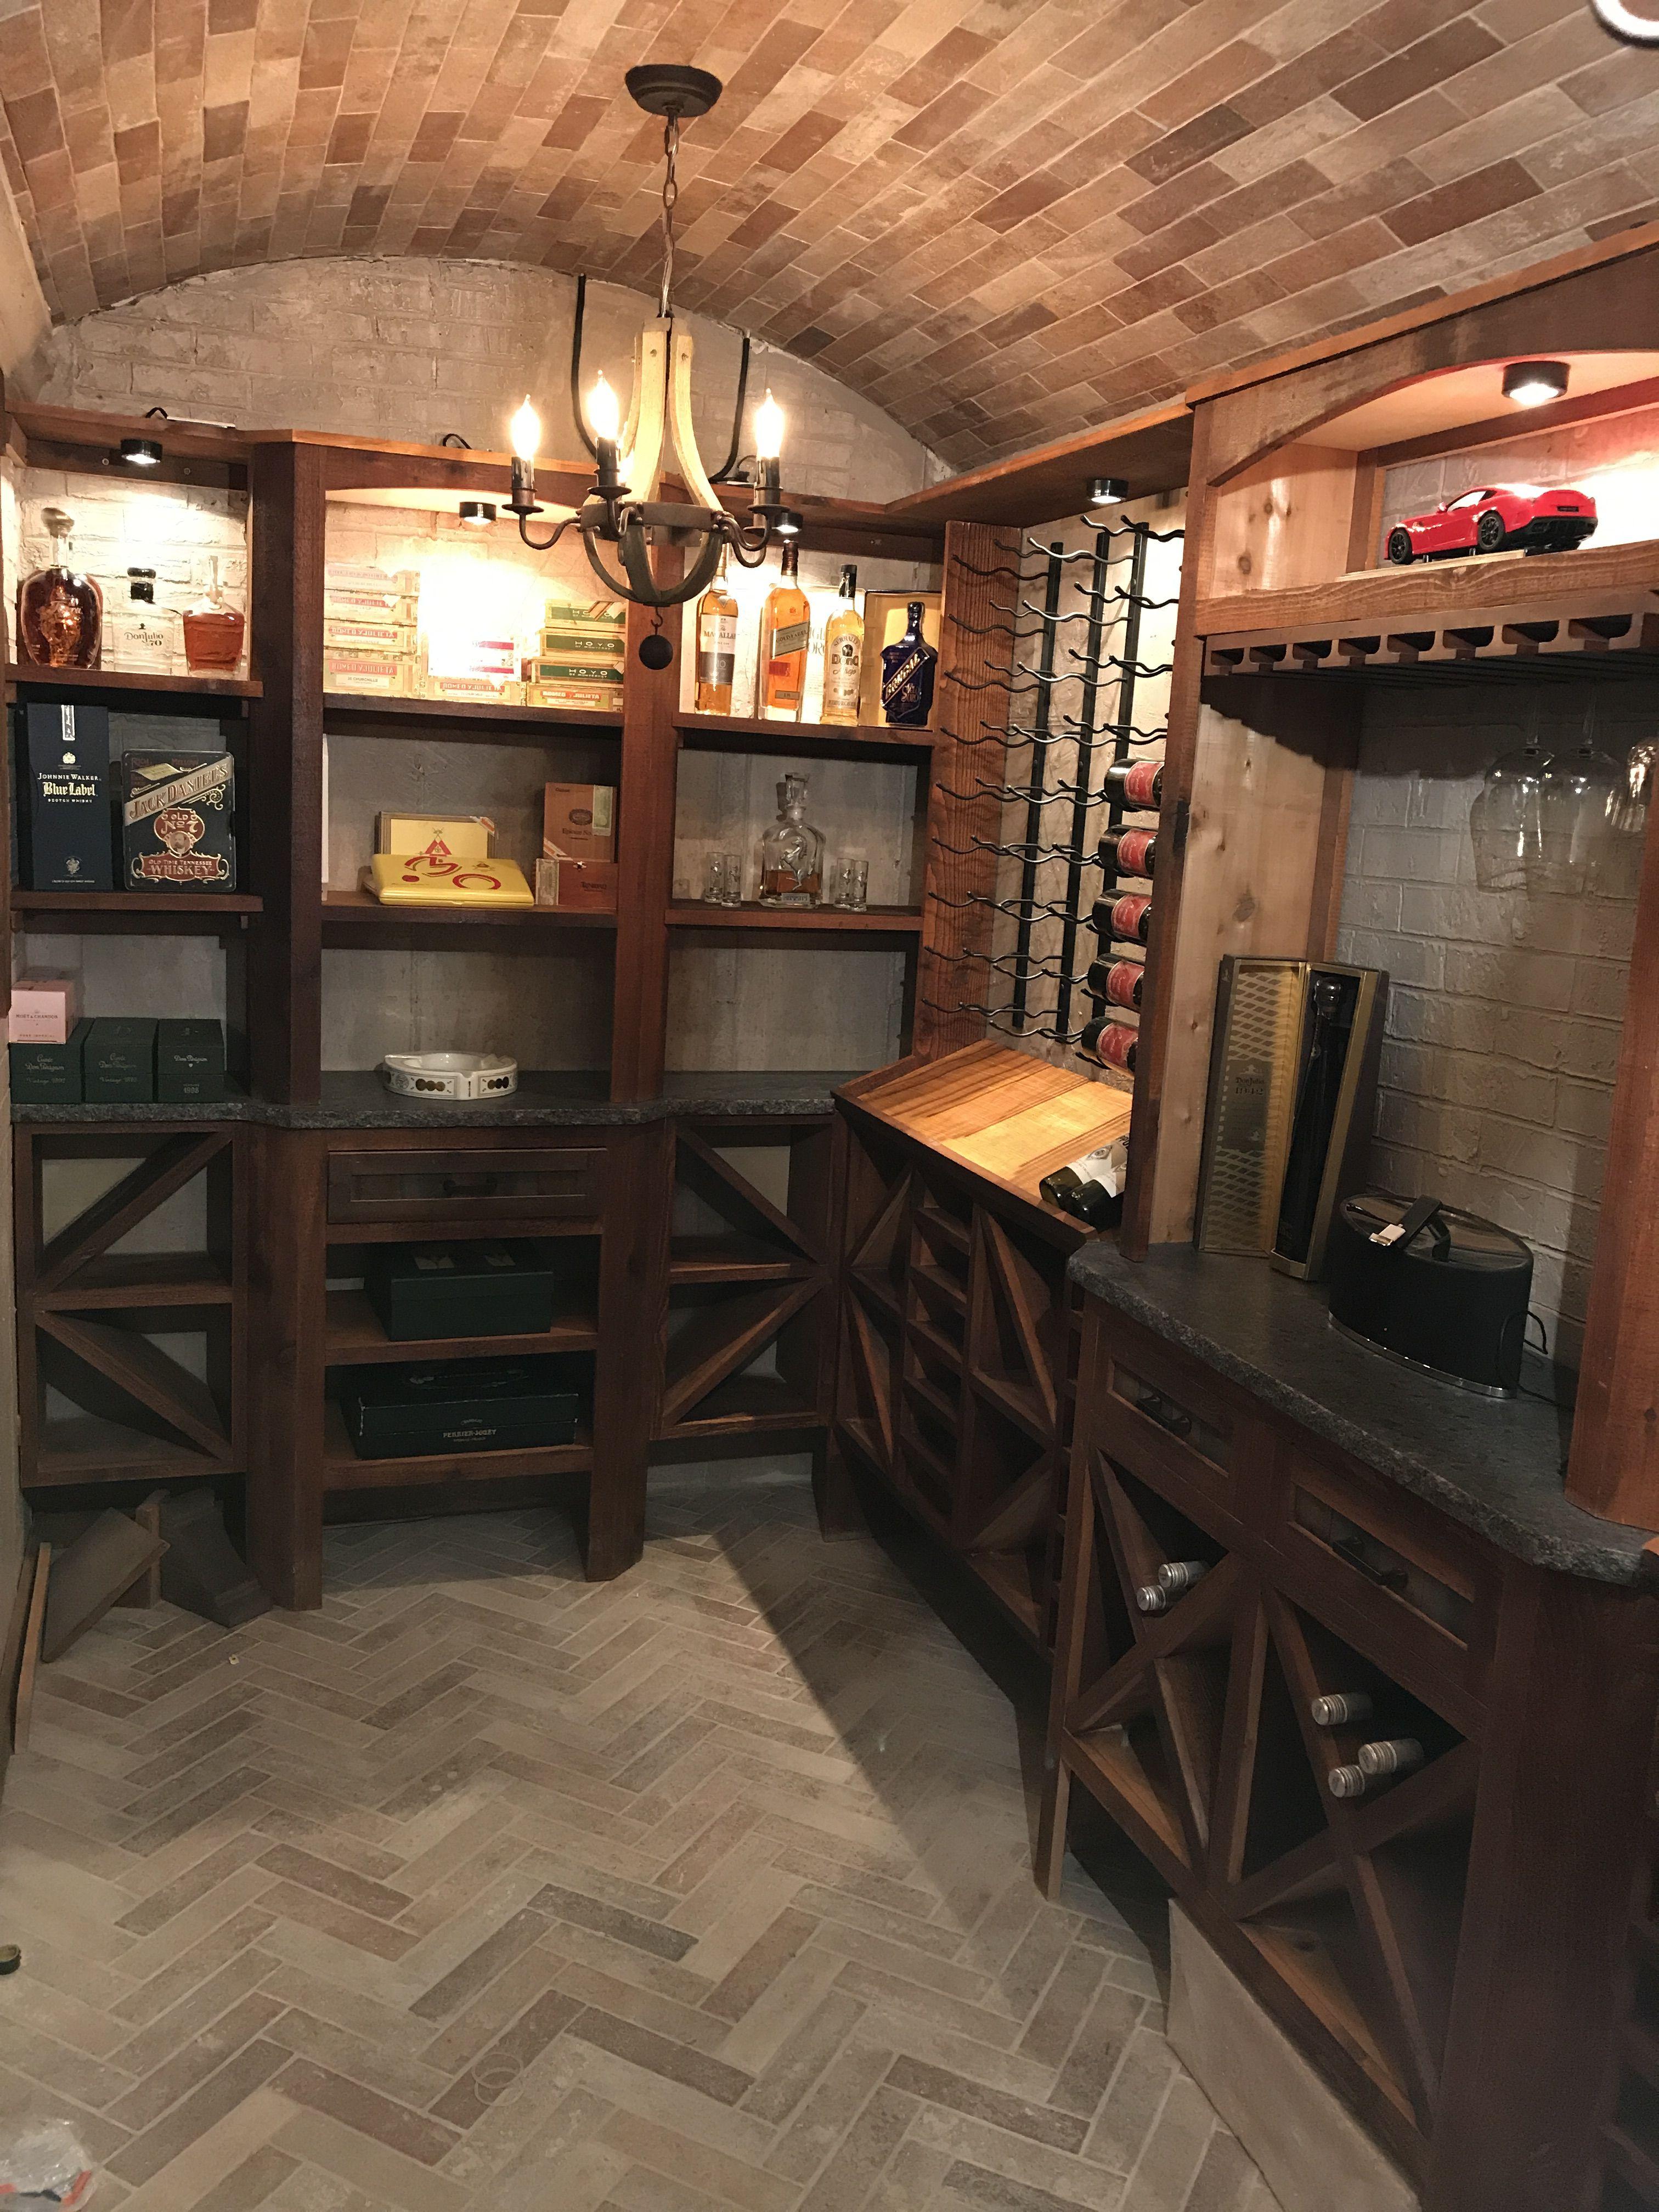 Barrel Brick Ceiling, Cedar Cabinetry, Brick Floors, Stone Walls